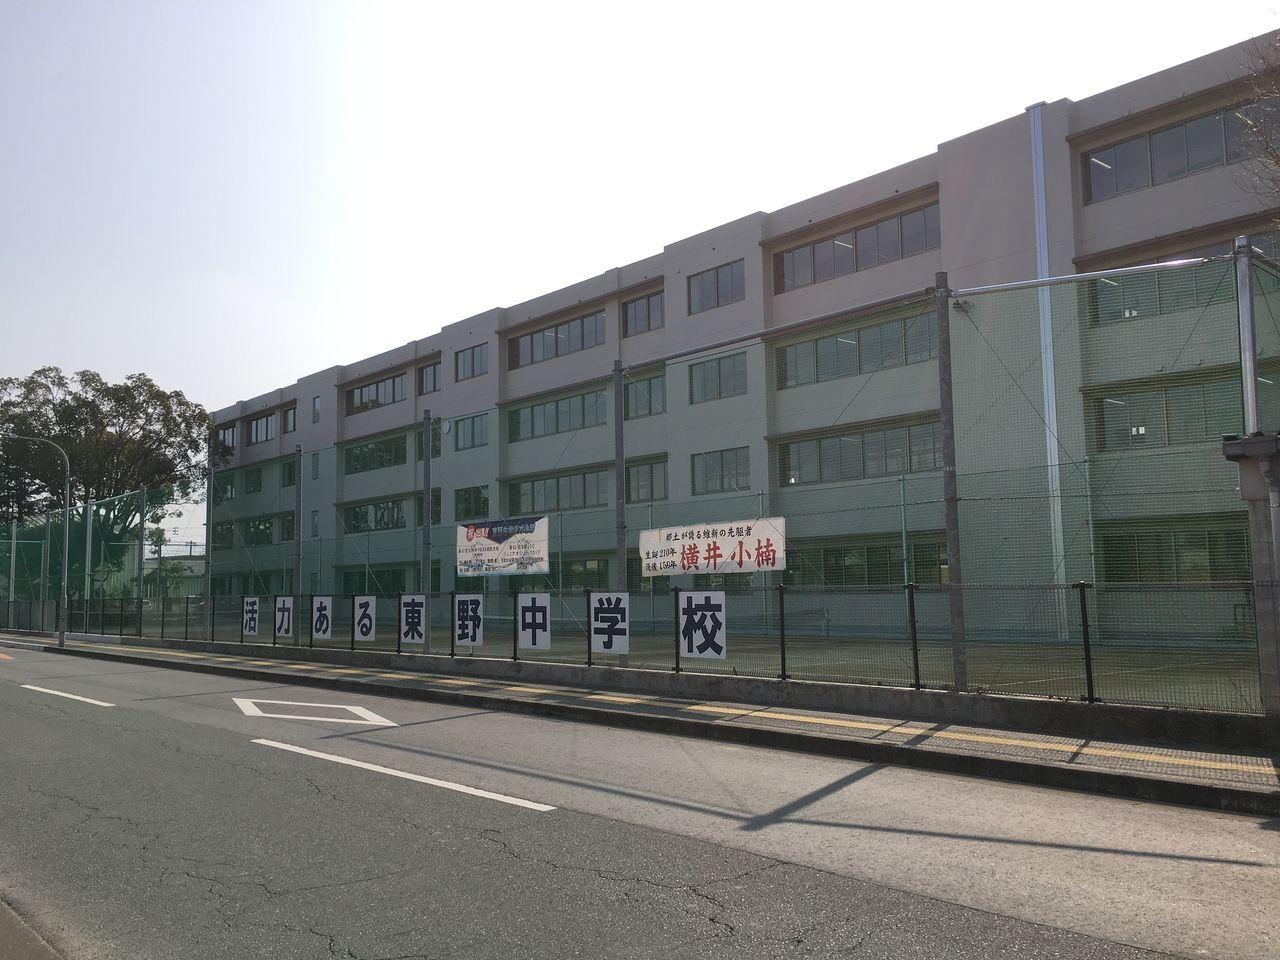 新校舎北側から、塀には横断幕あり。